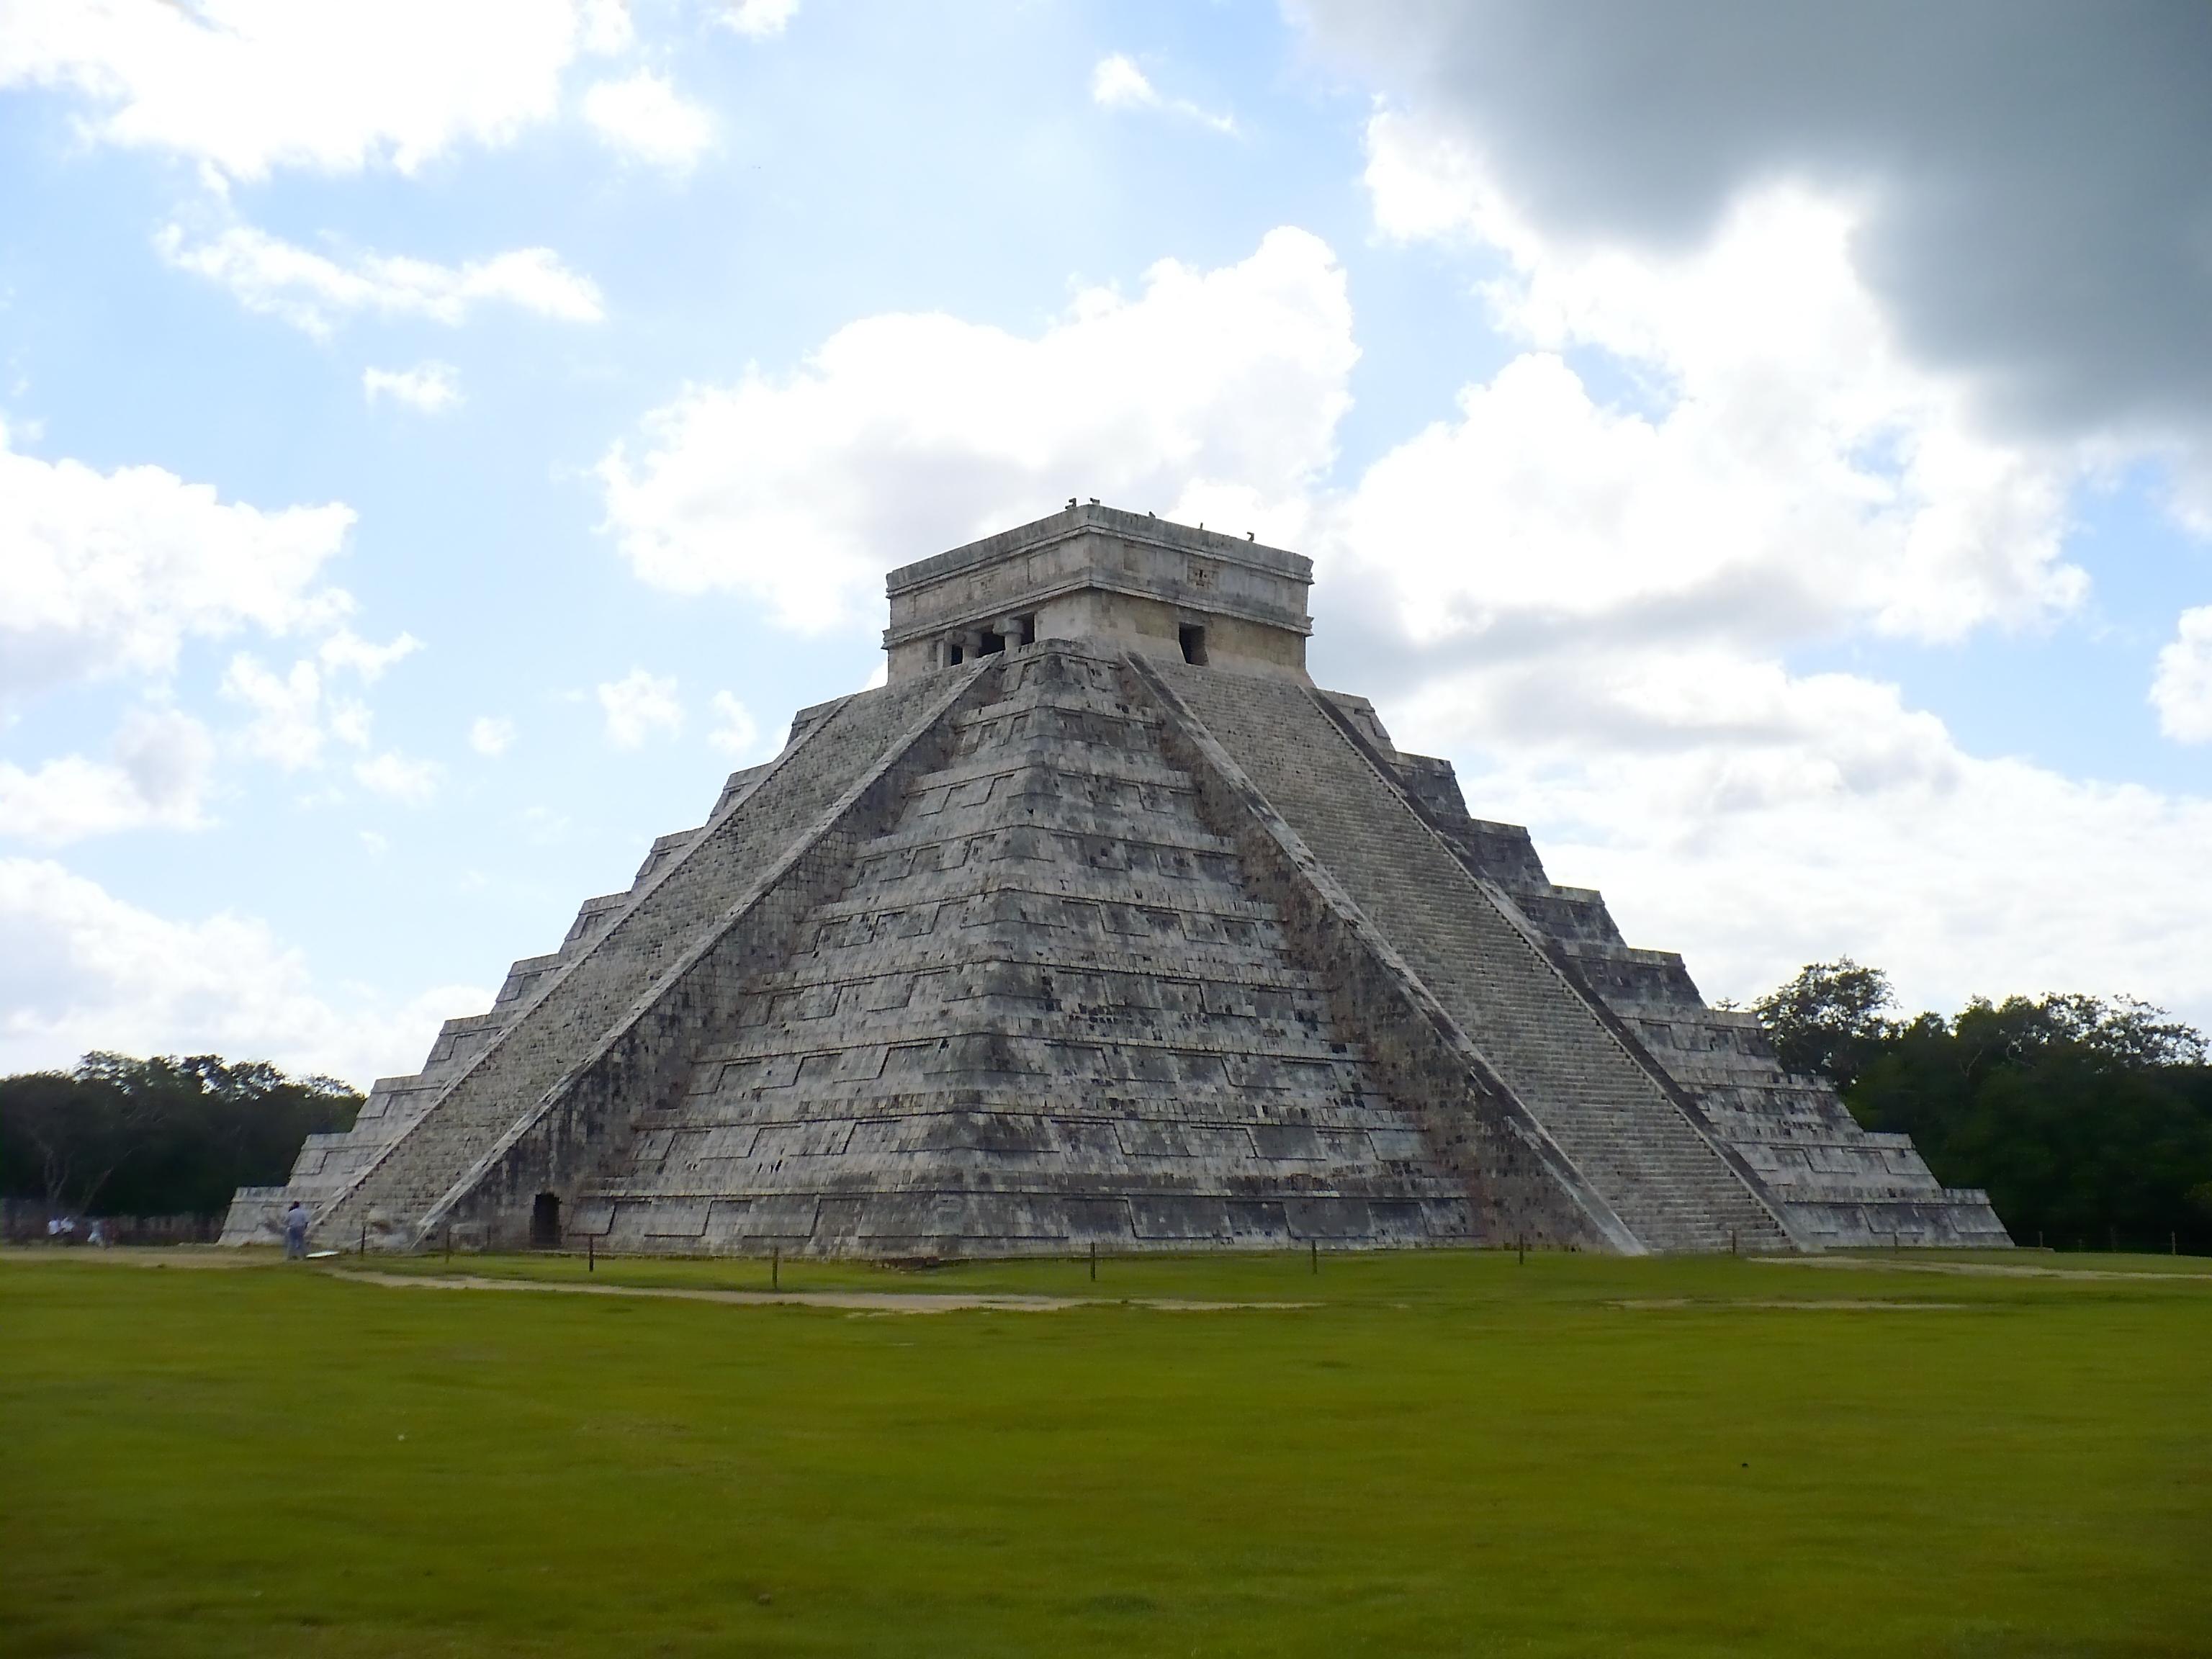 Drawn pyramid mayan pyramid The Did History the Pyramids?